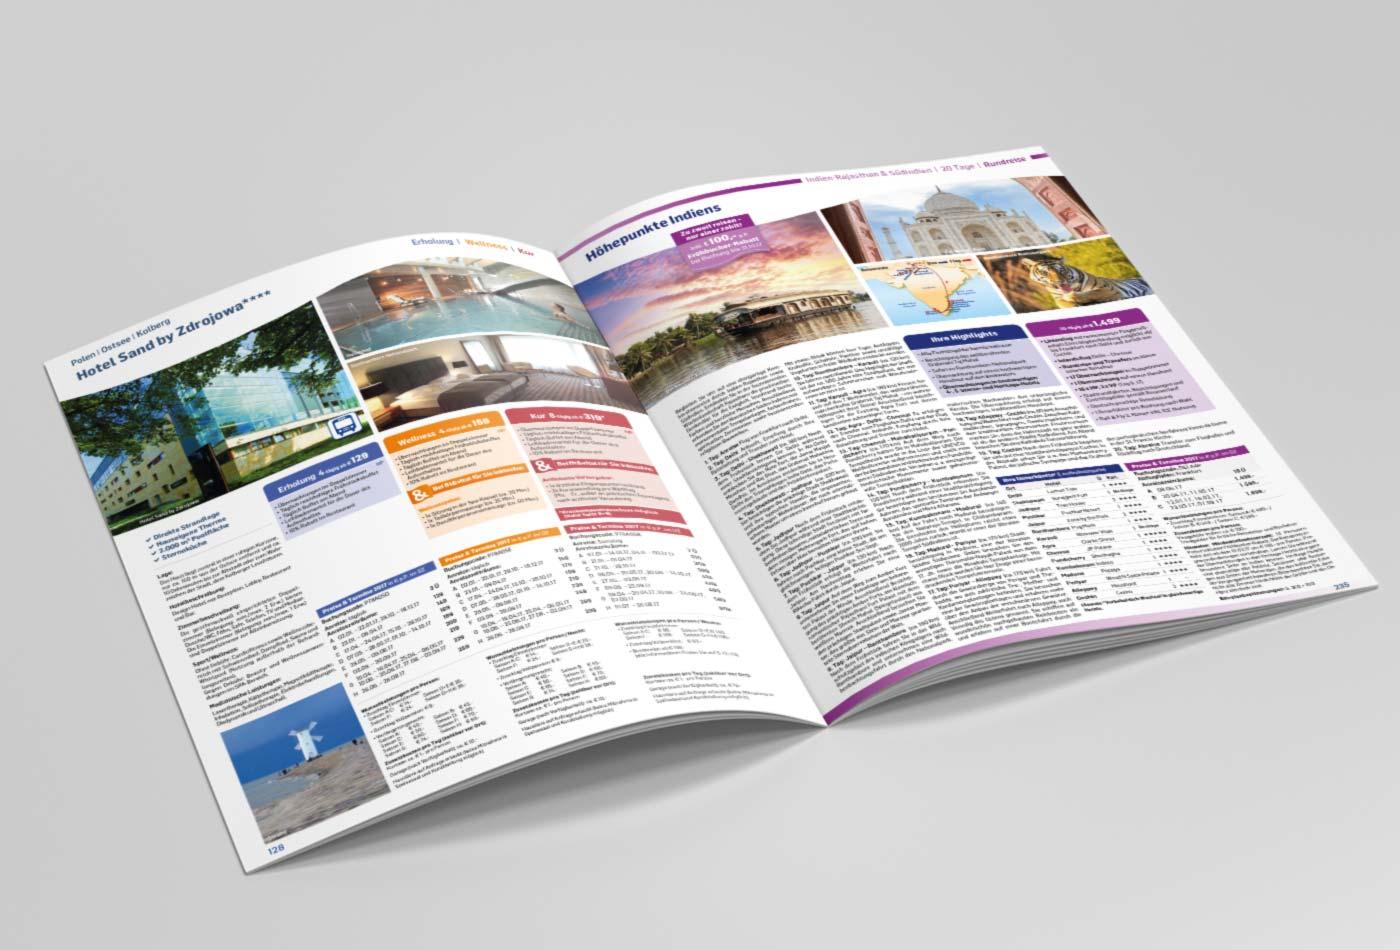 wildefreunde-kunde-fit&vital-magazin-innenseiten-1400x950-min